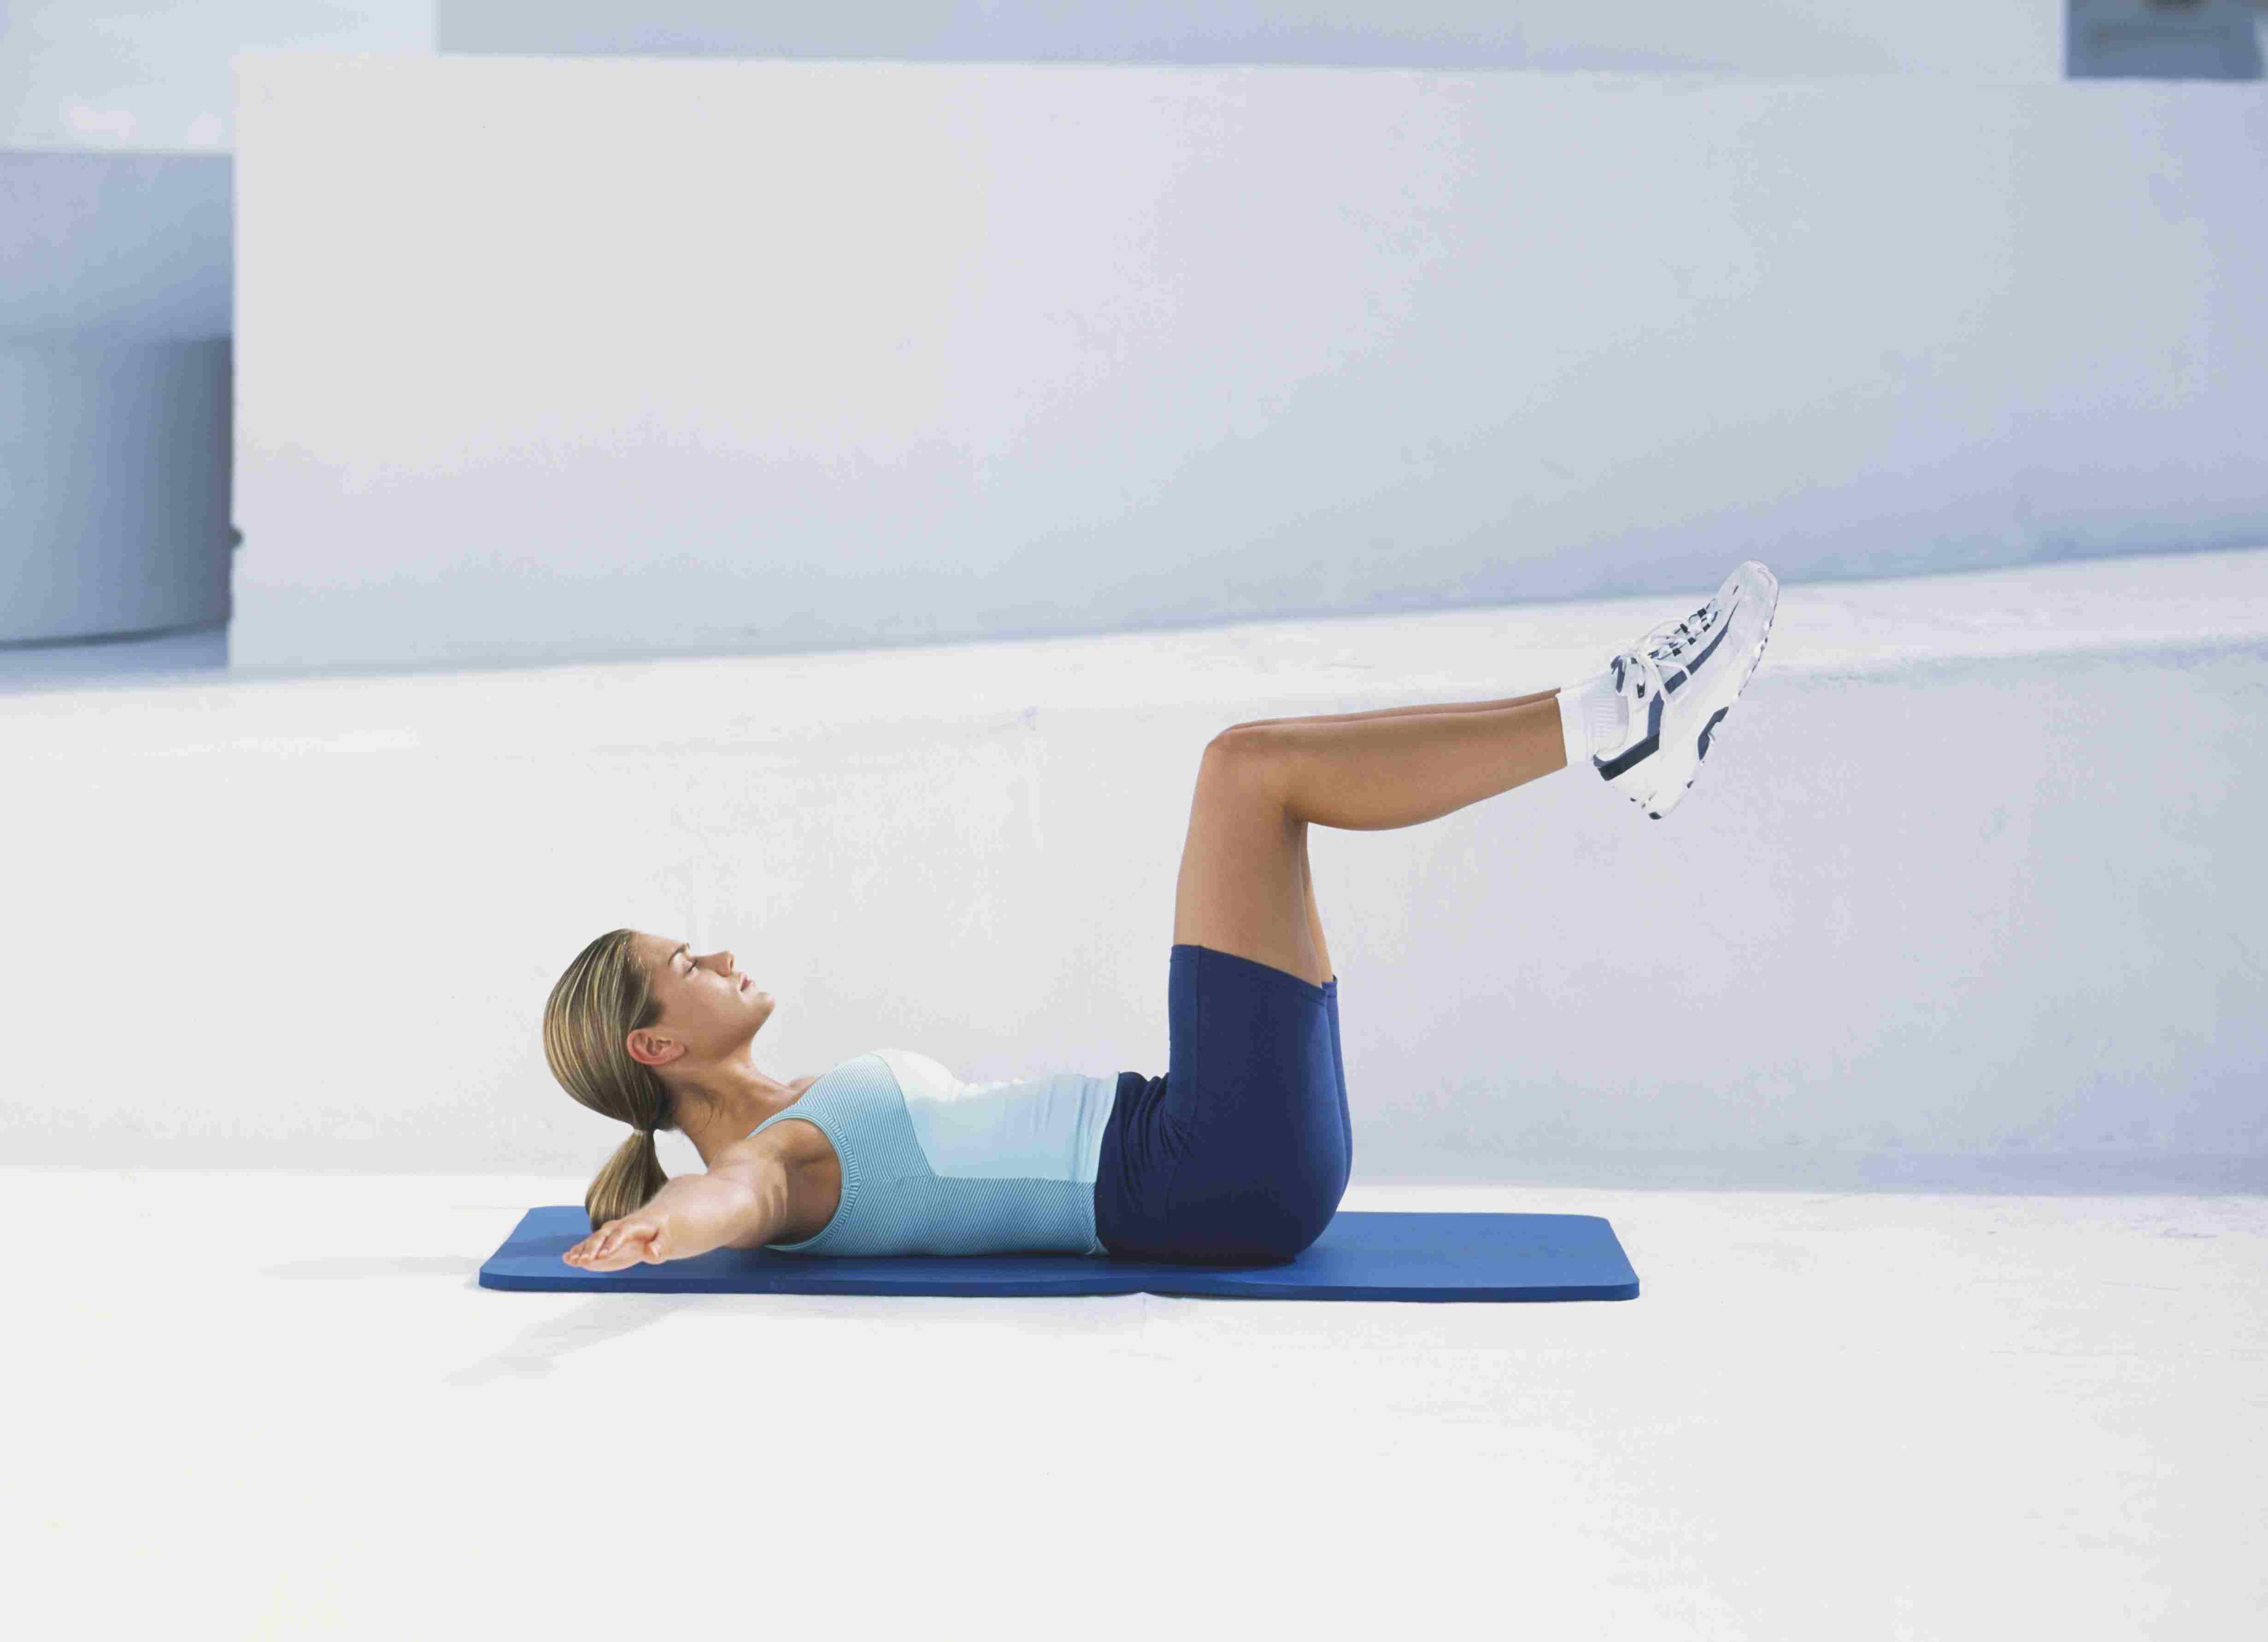 Mujer con camiseta sin mangas y pantalones cortos acostada boca arriba sobre una alfombra azul, con la cabeza levantada, los brazos estirados a los lados, las rodillas dobladas en ángulo recto con el cuerpo, vista lateral.